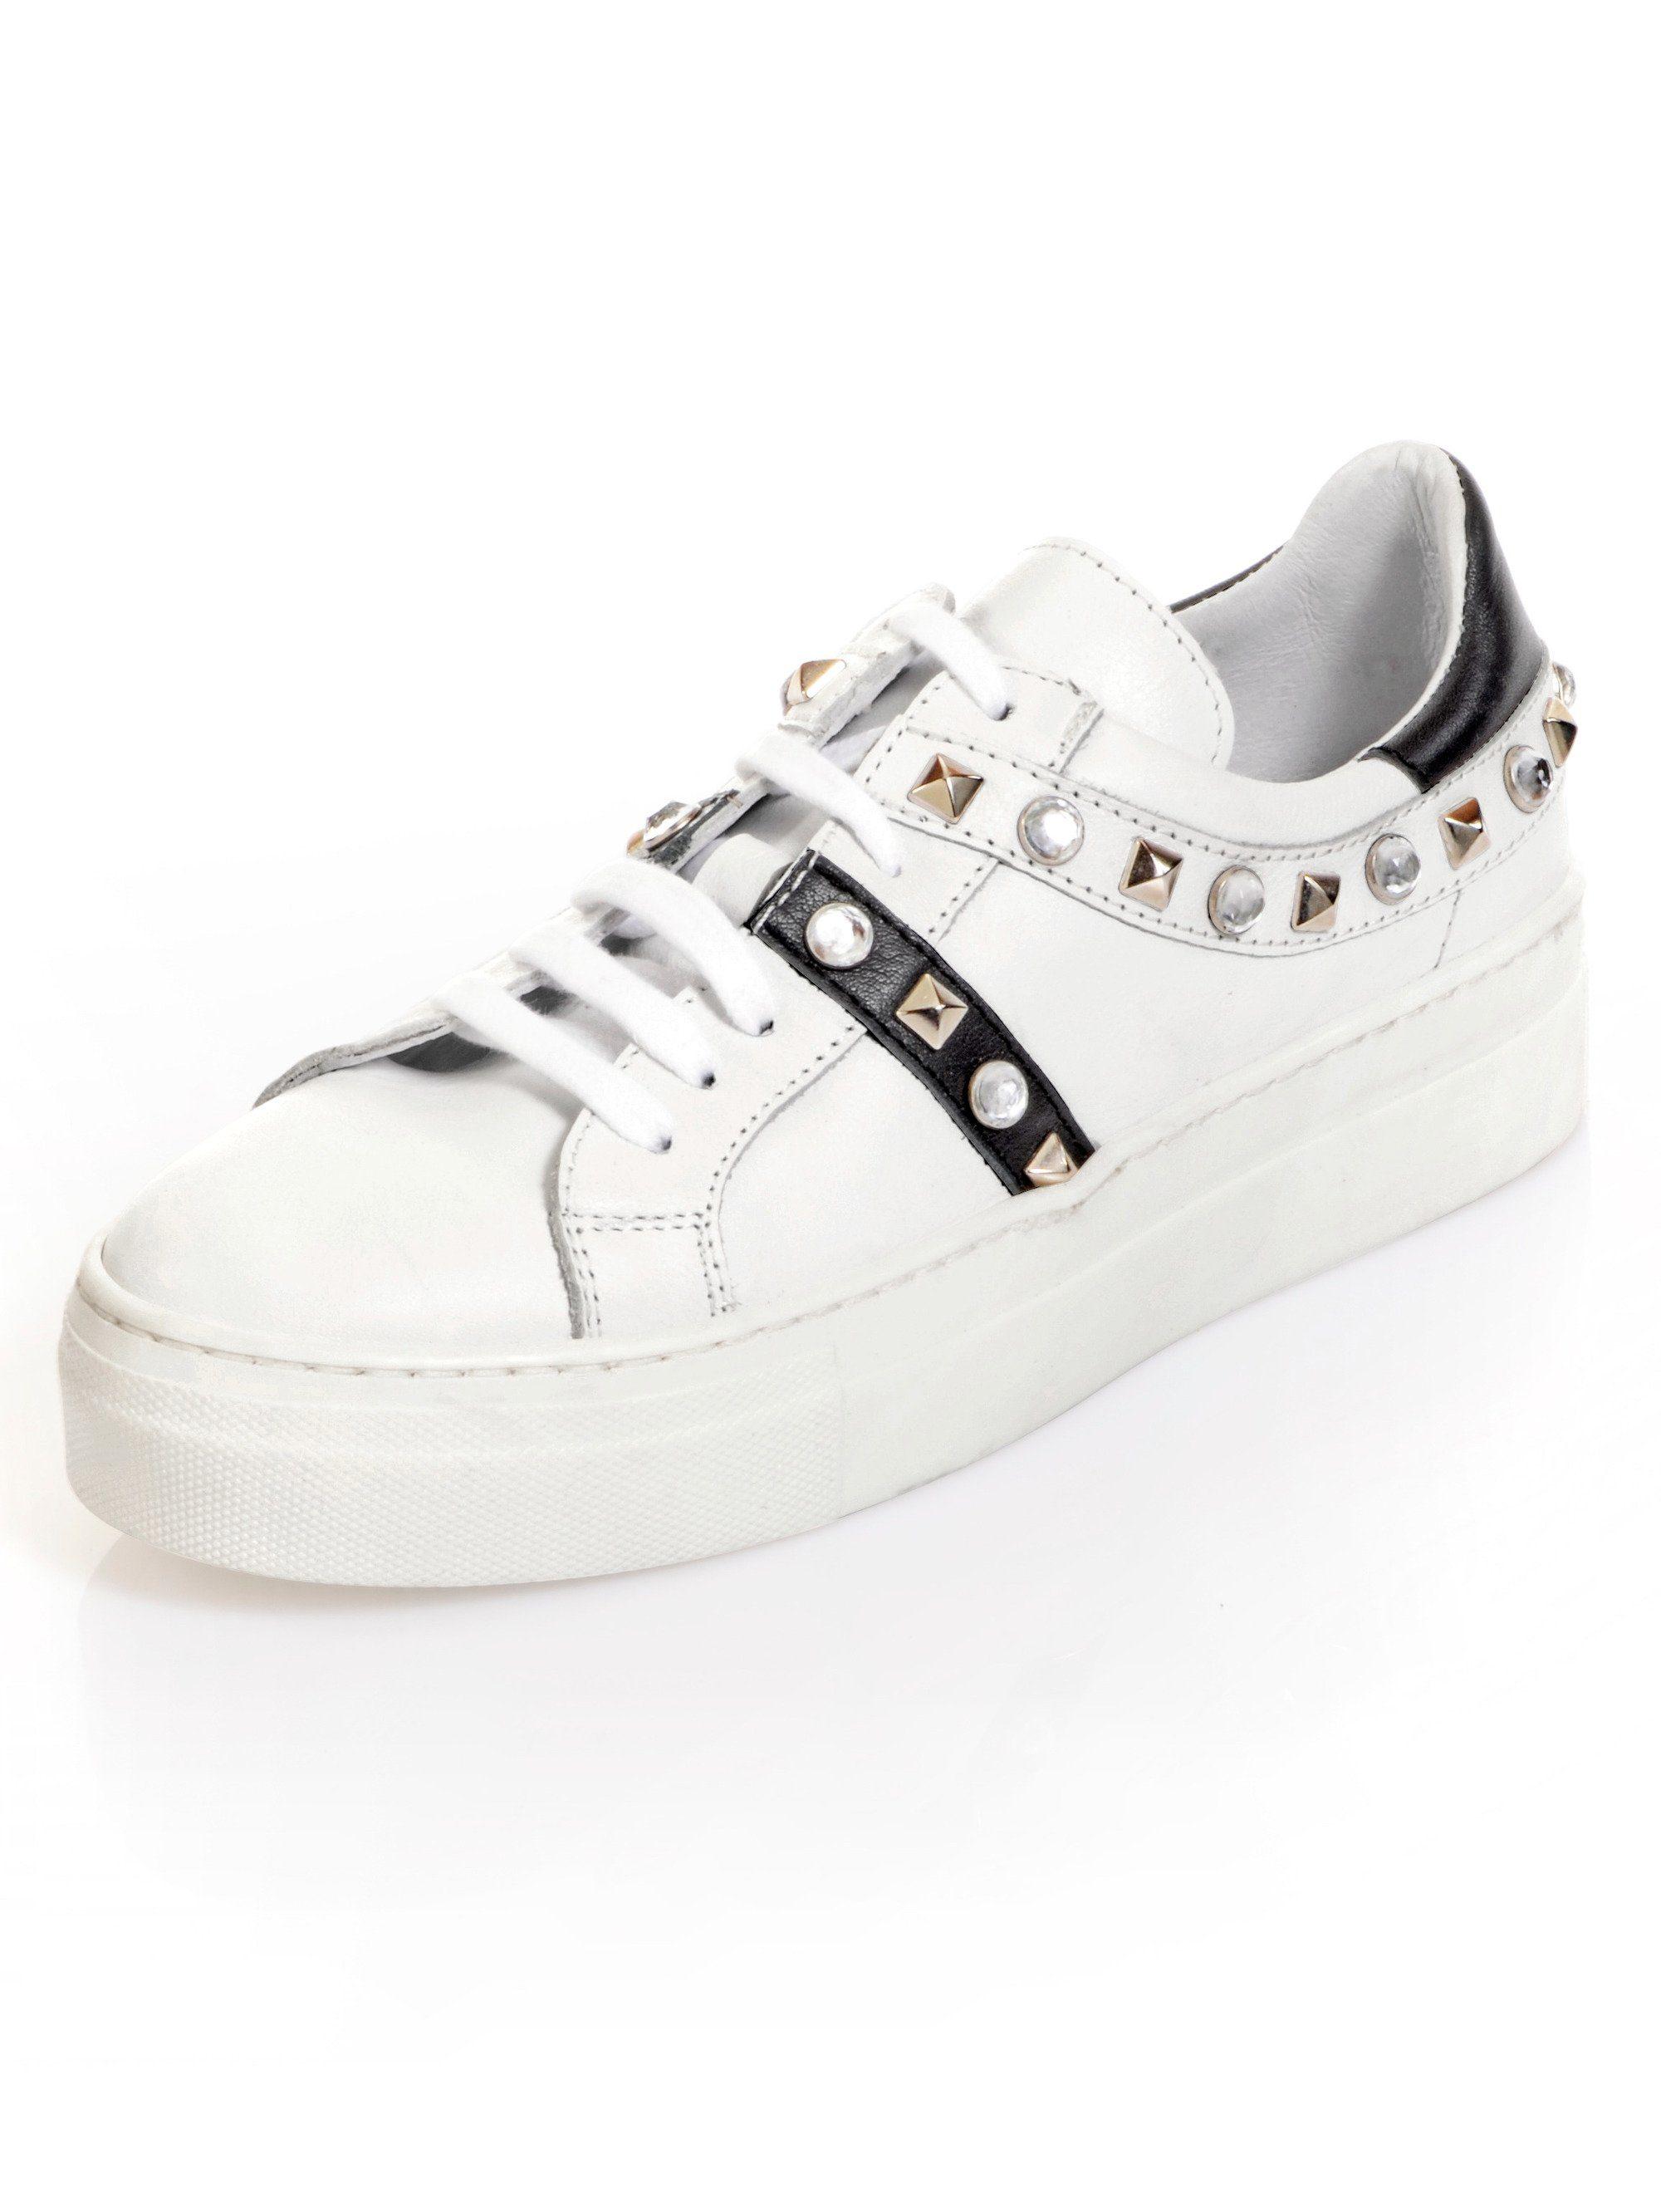 Alba Moda Sneaker mit Nieten und Steinchen besetzt, weiß, weiß/schwarz